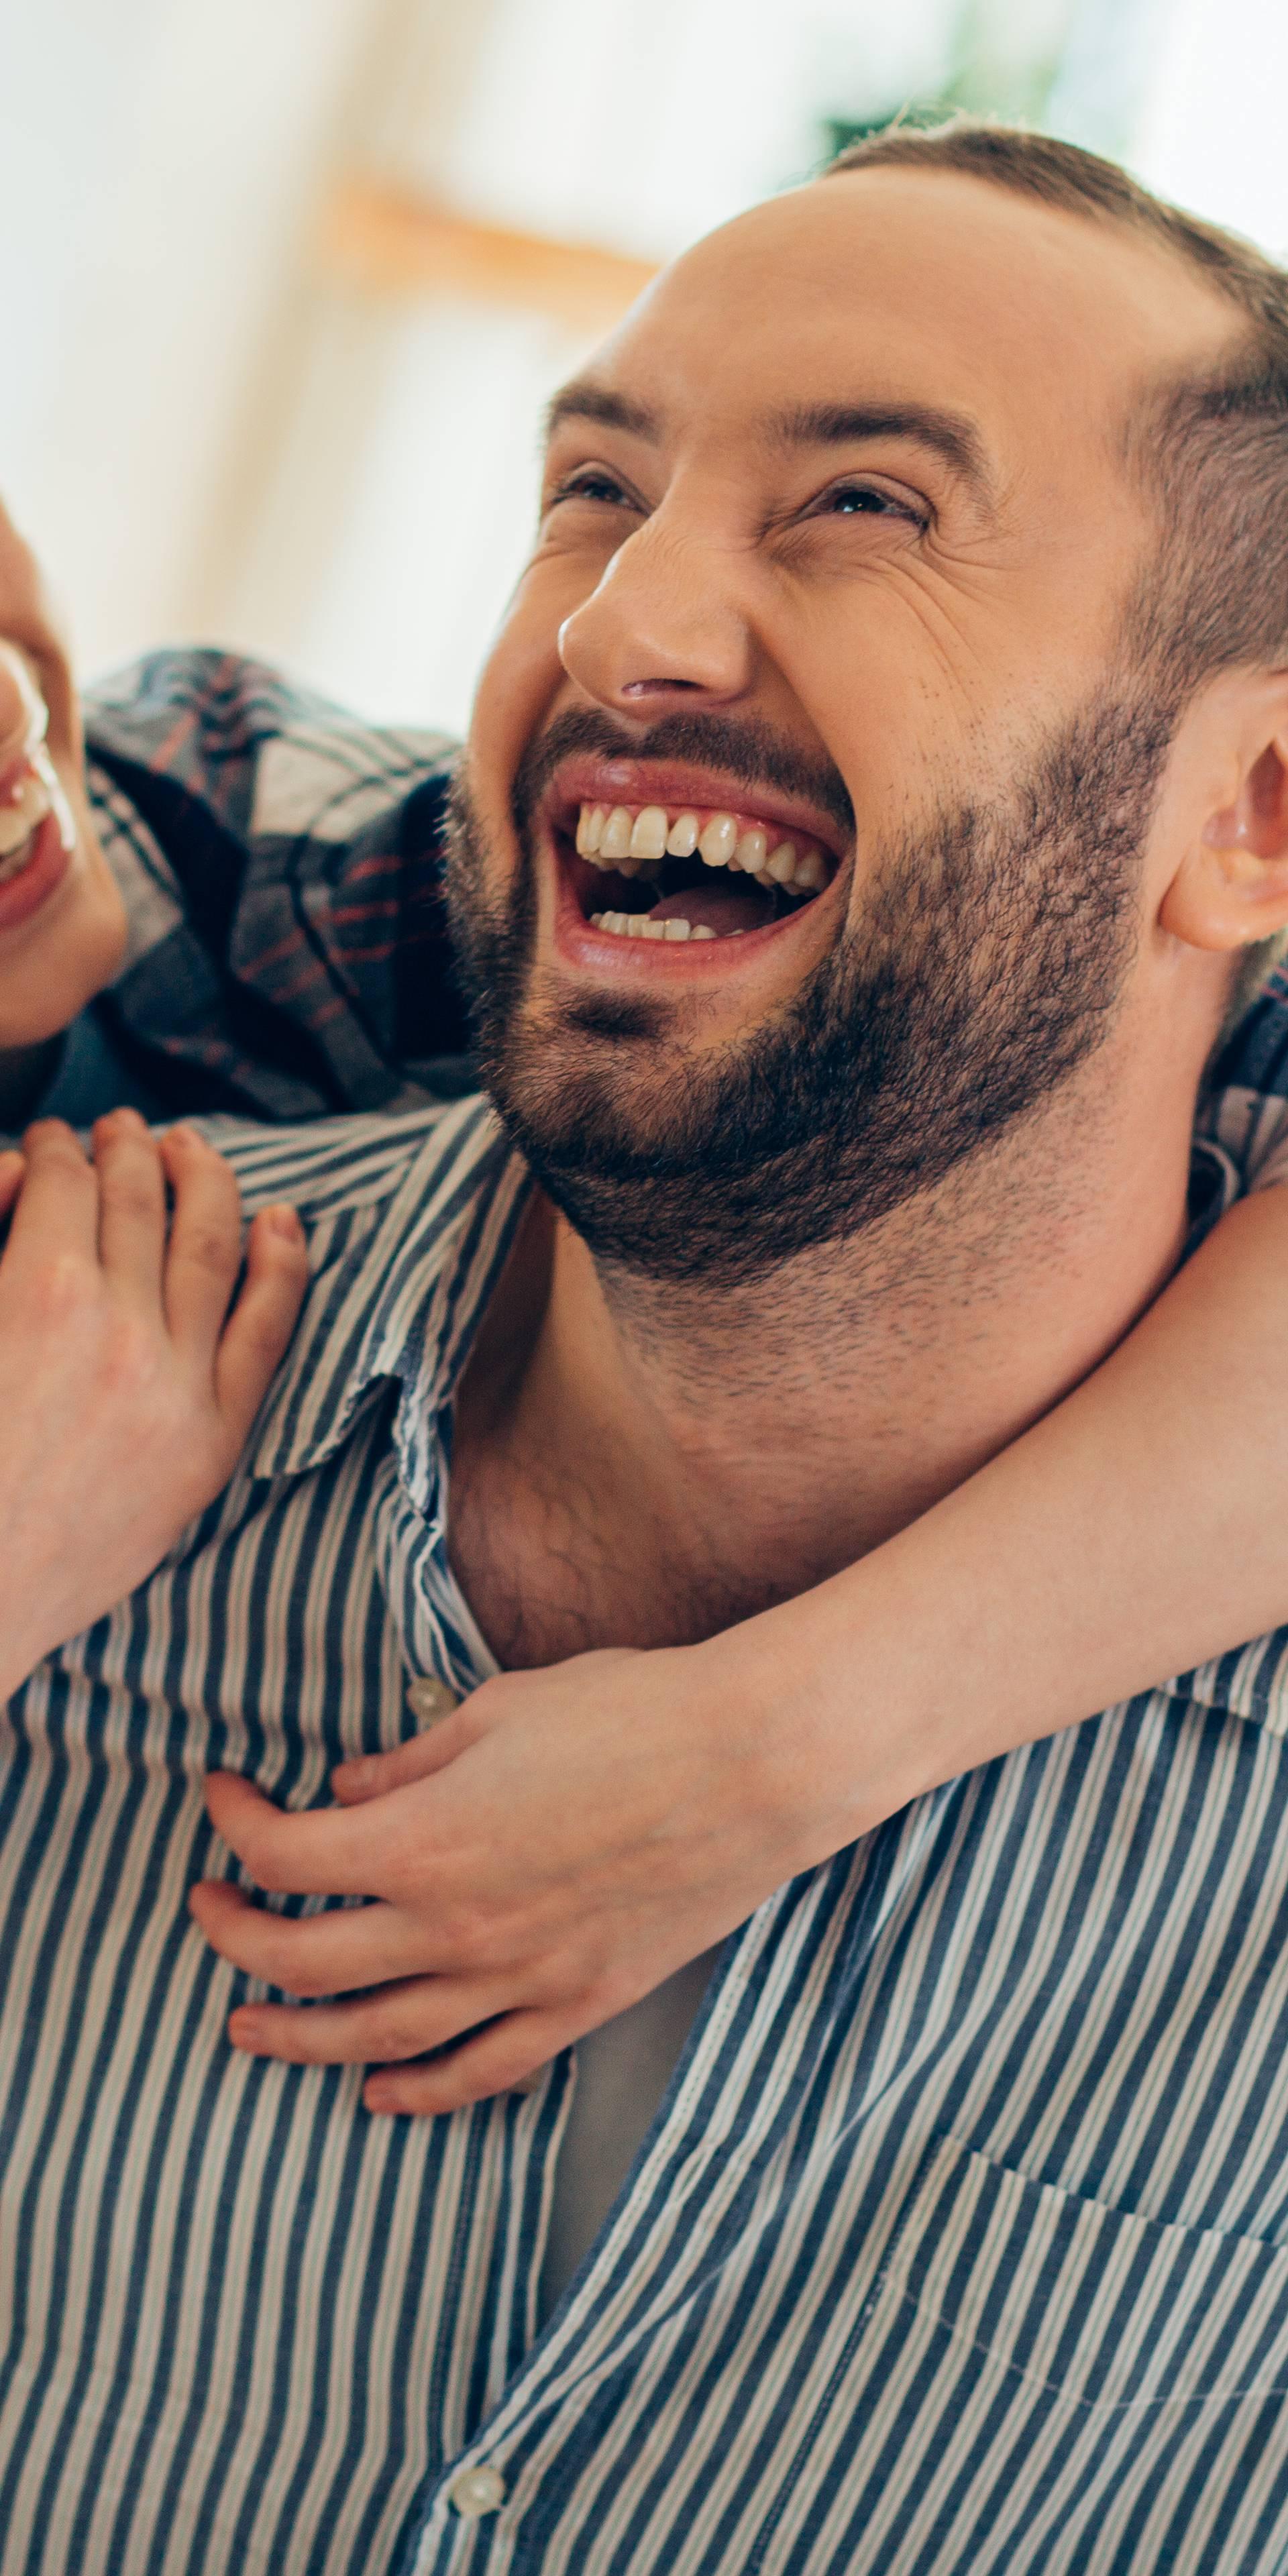 Znanstvenici utvrdili da smijeh jača brak i društvene veze